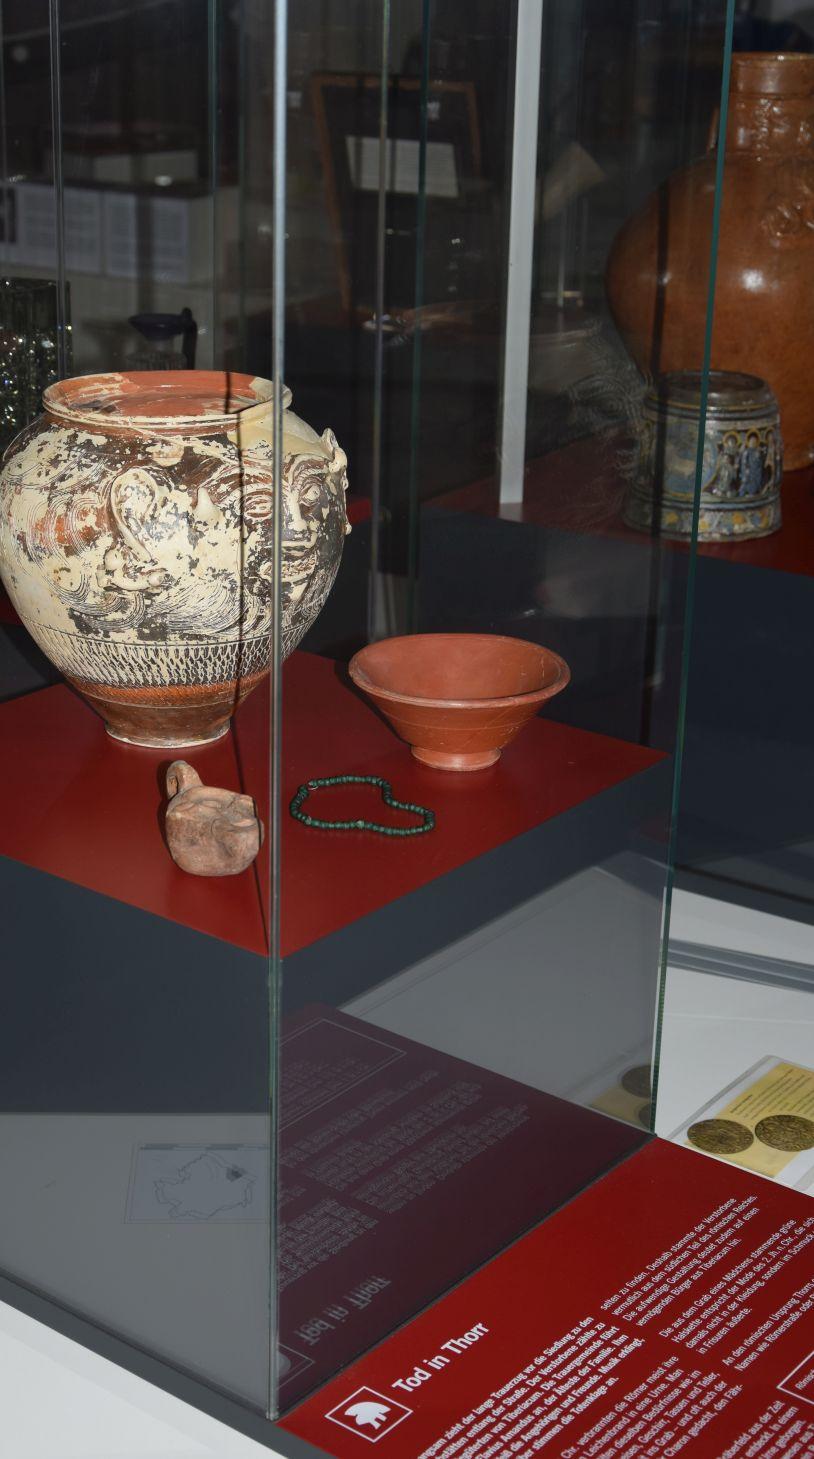 Gesichtsurne aus der Römerzeit - sie ist ein Alleinstellungsmerkmal